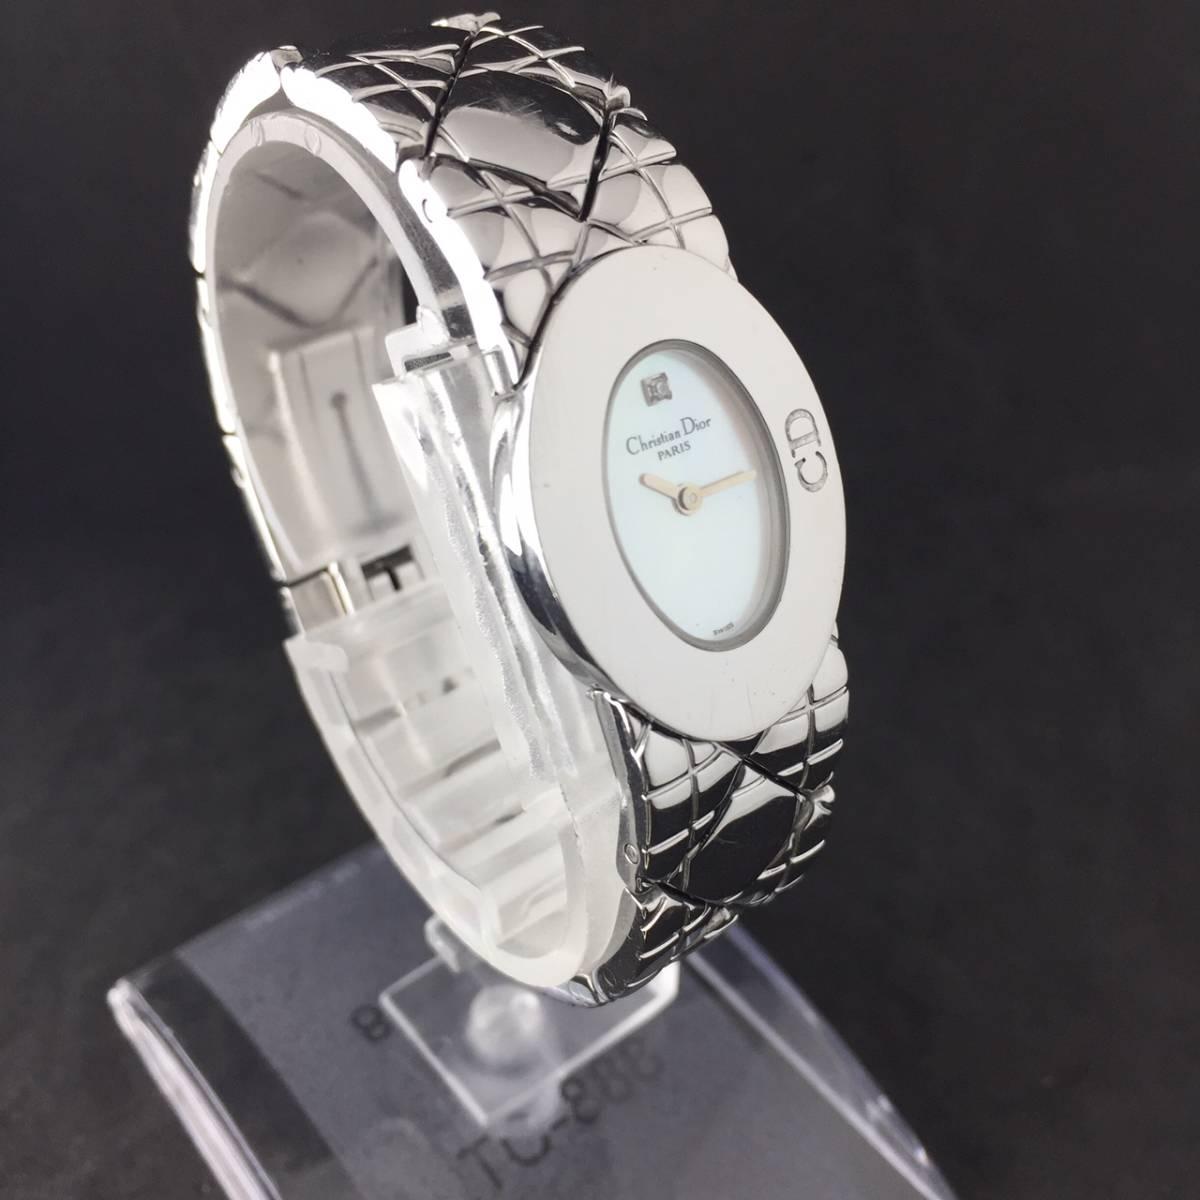 【1円良品】Christian Dior クリスチャン ディオール 腕時計 レディース D90-100 1P ダイヤ シェル文字盤 稼動品_画像4